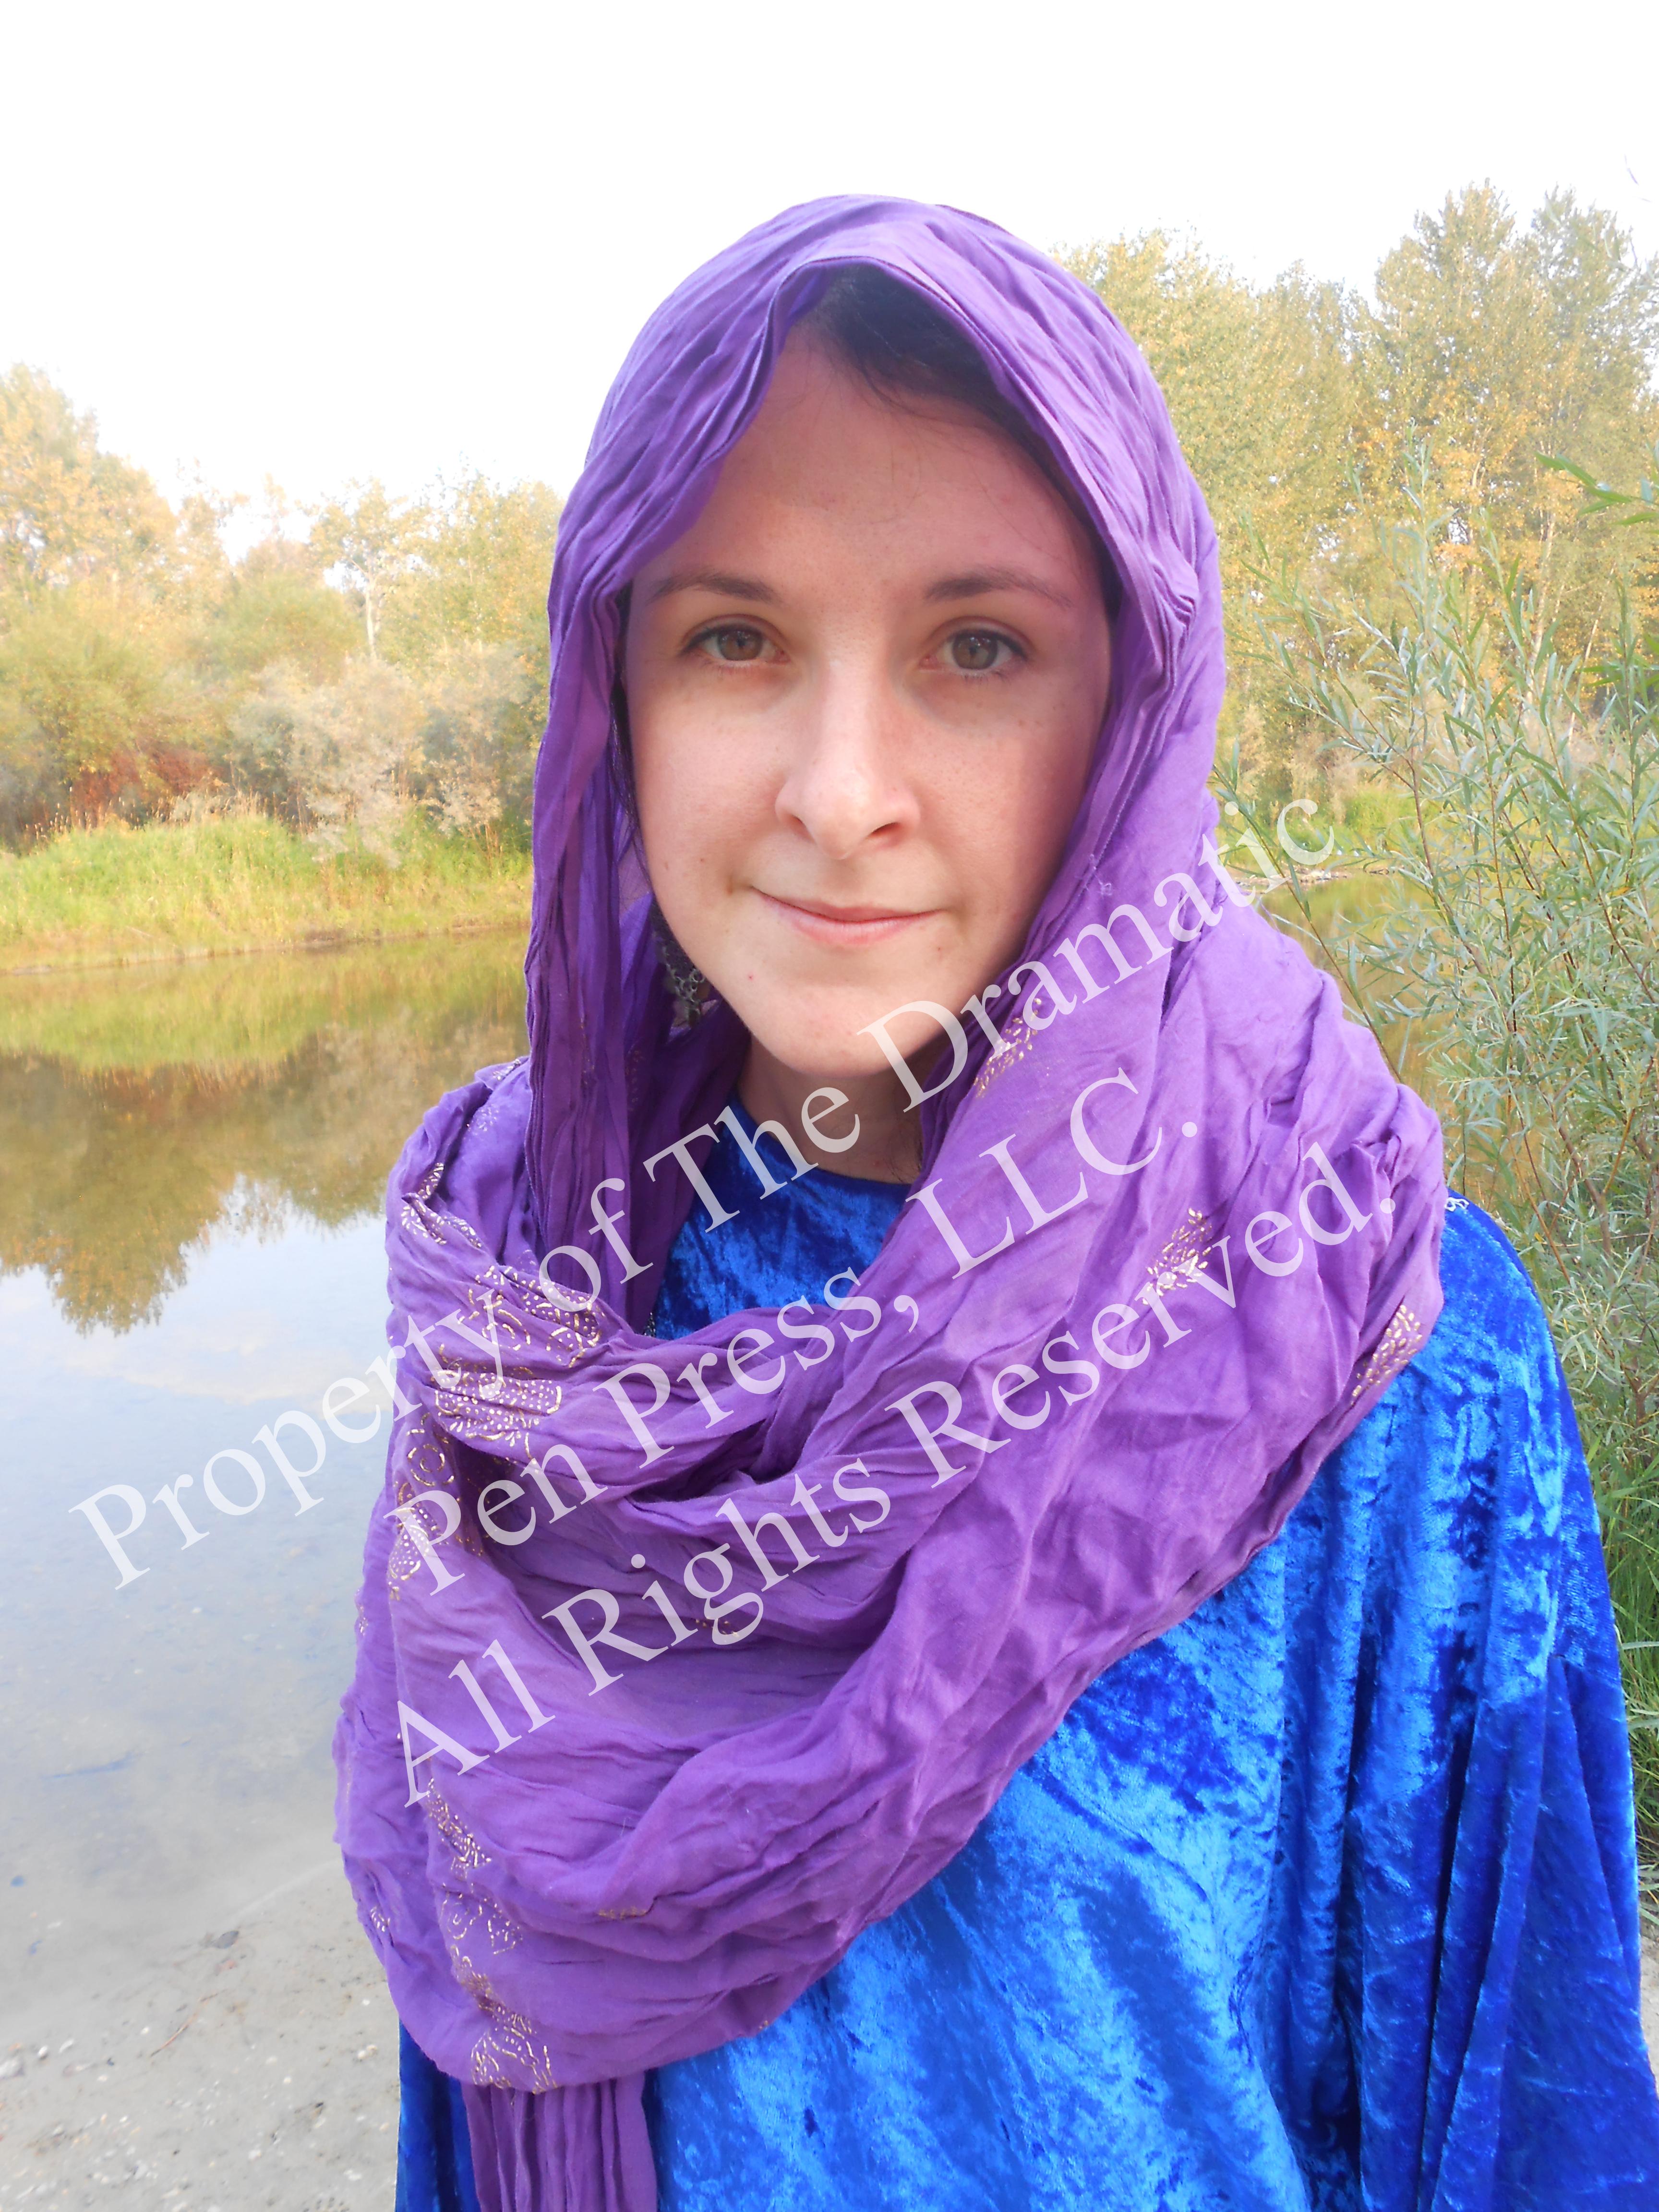 Biblical Woman Soft Smile